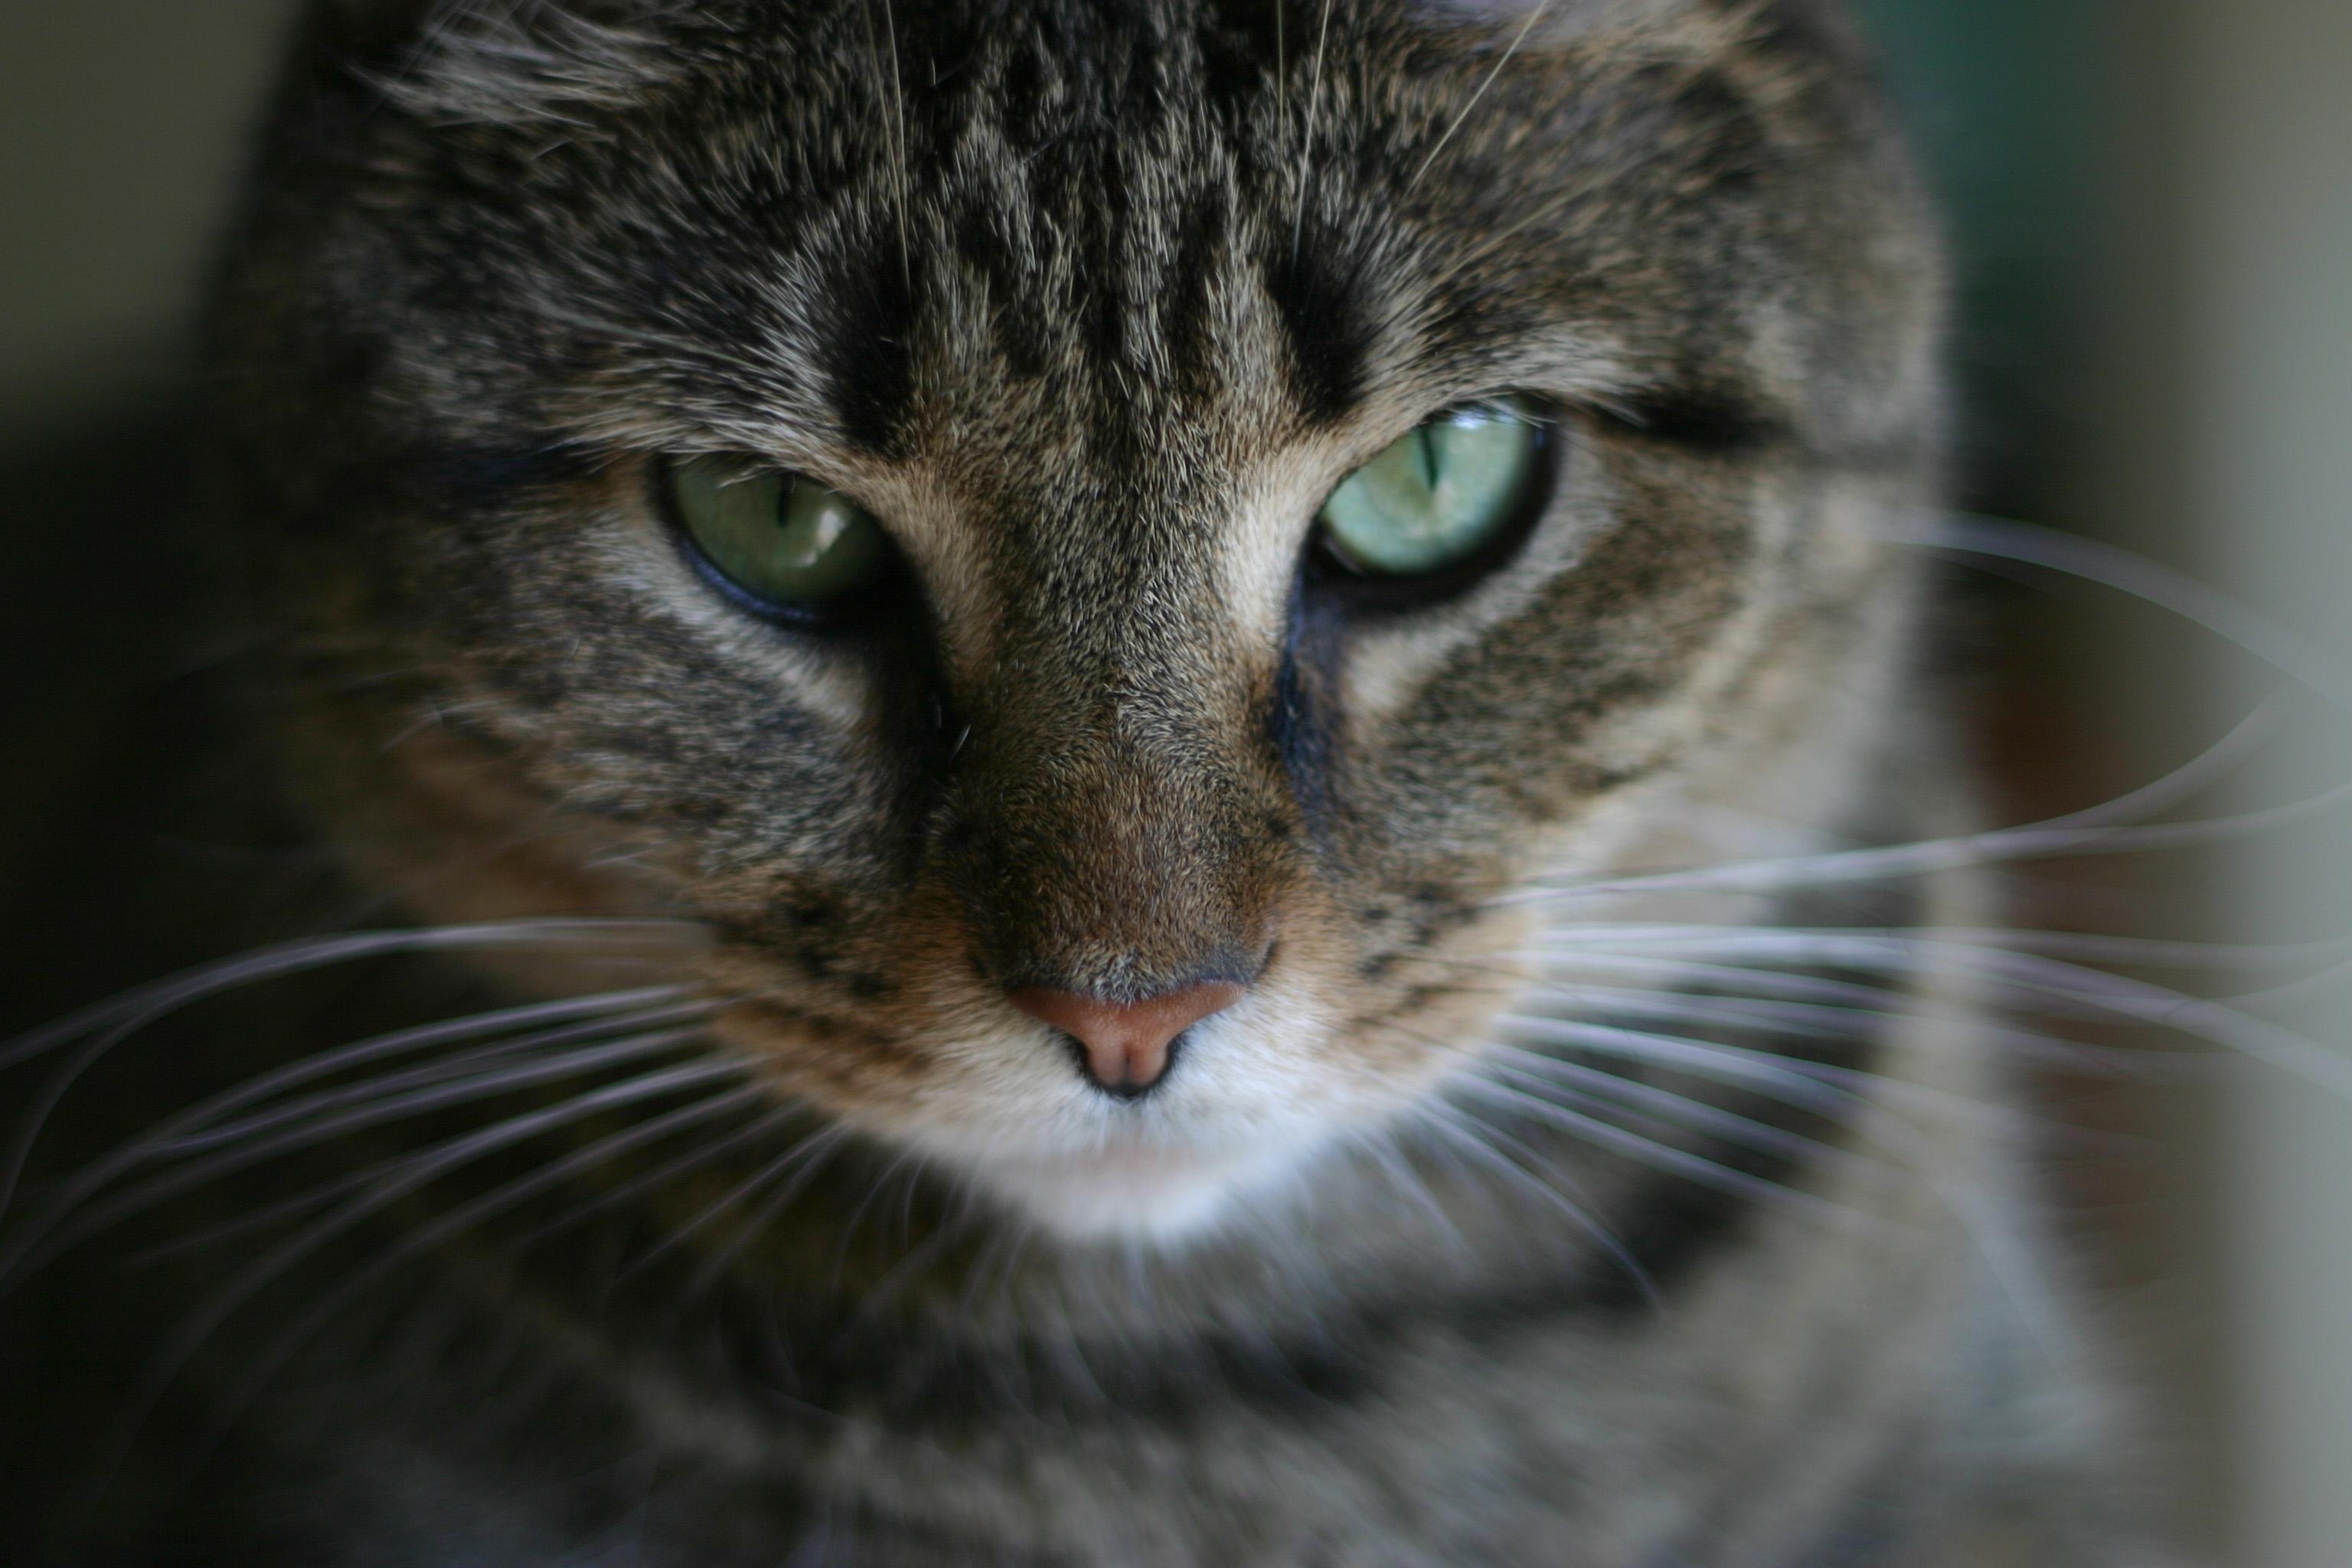 Evil stare photo